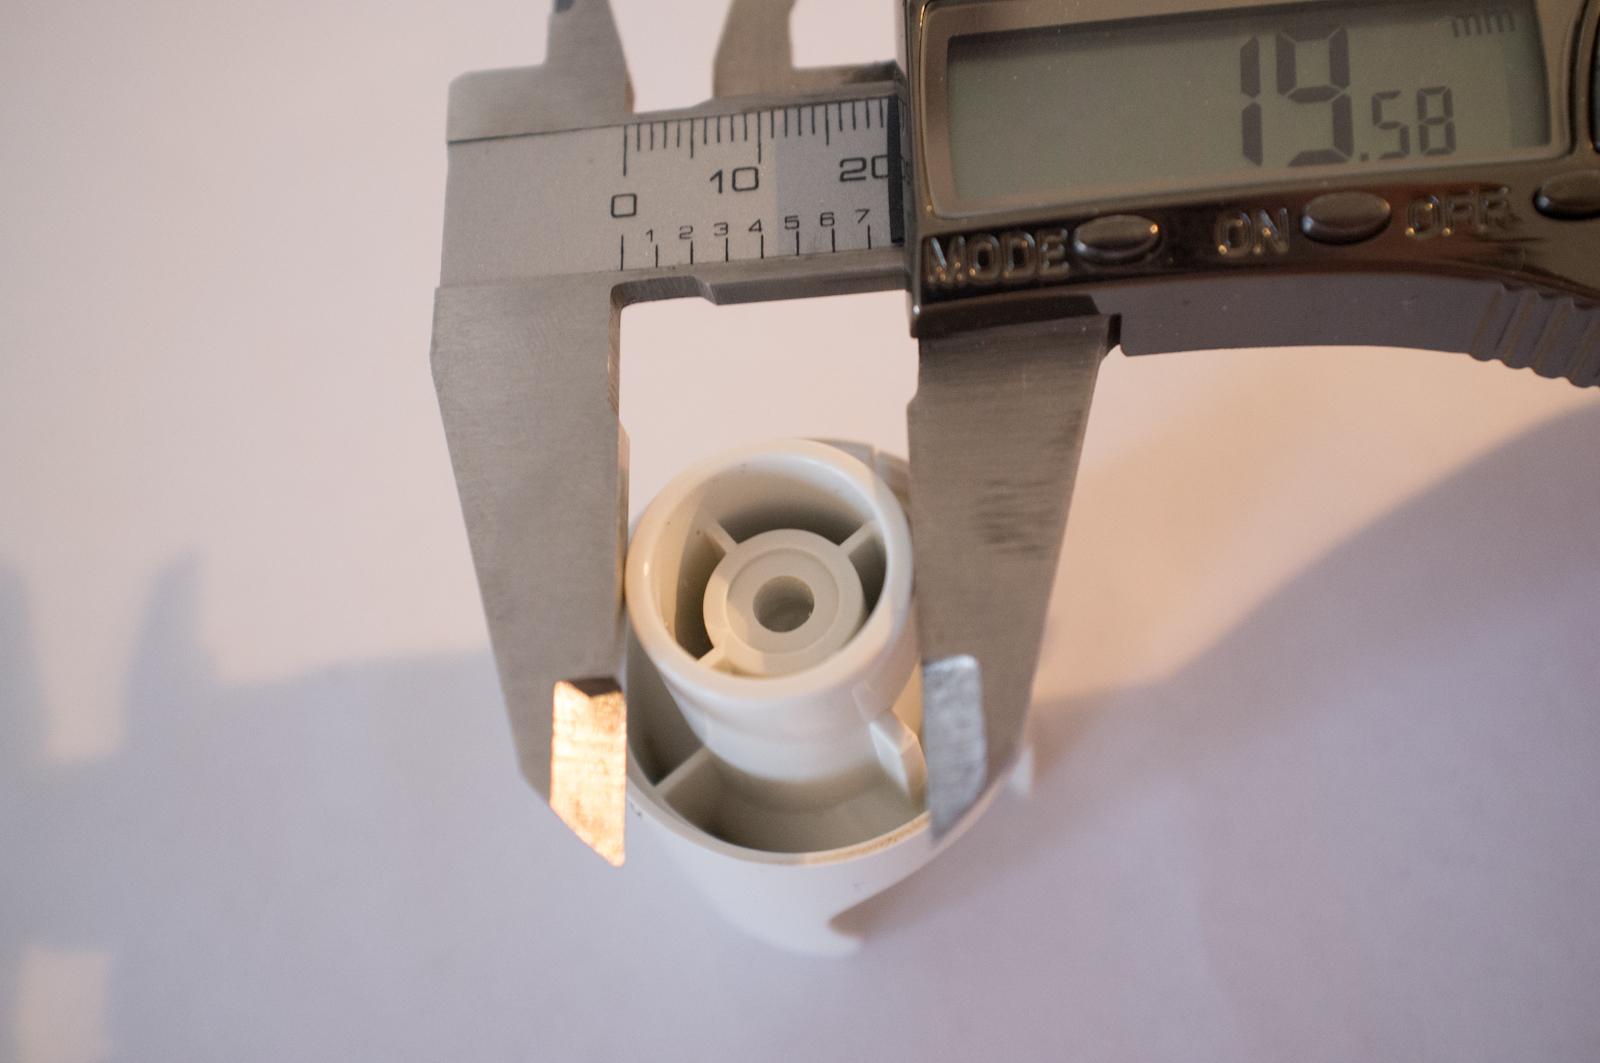 Measuring original part